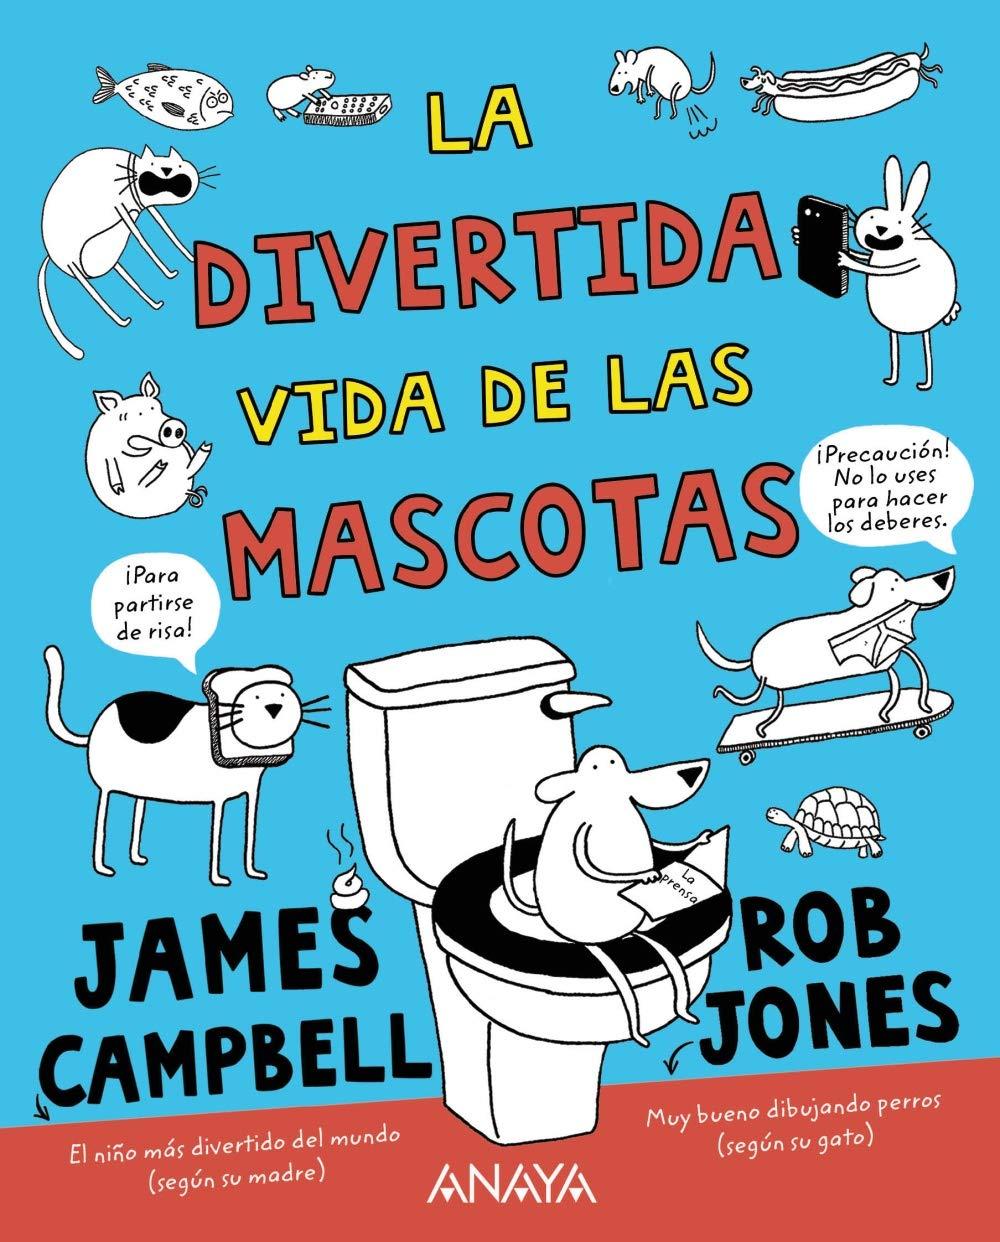 La divertida vida de las mascotas Literatura Infantil 6-11 Años - Narrativa Infantil: Amazon.es: Campbell, James, Muñoz García, Adolfo: Libros